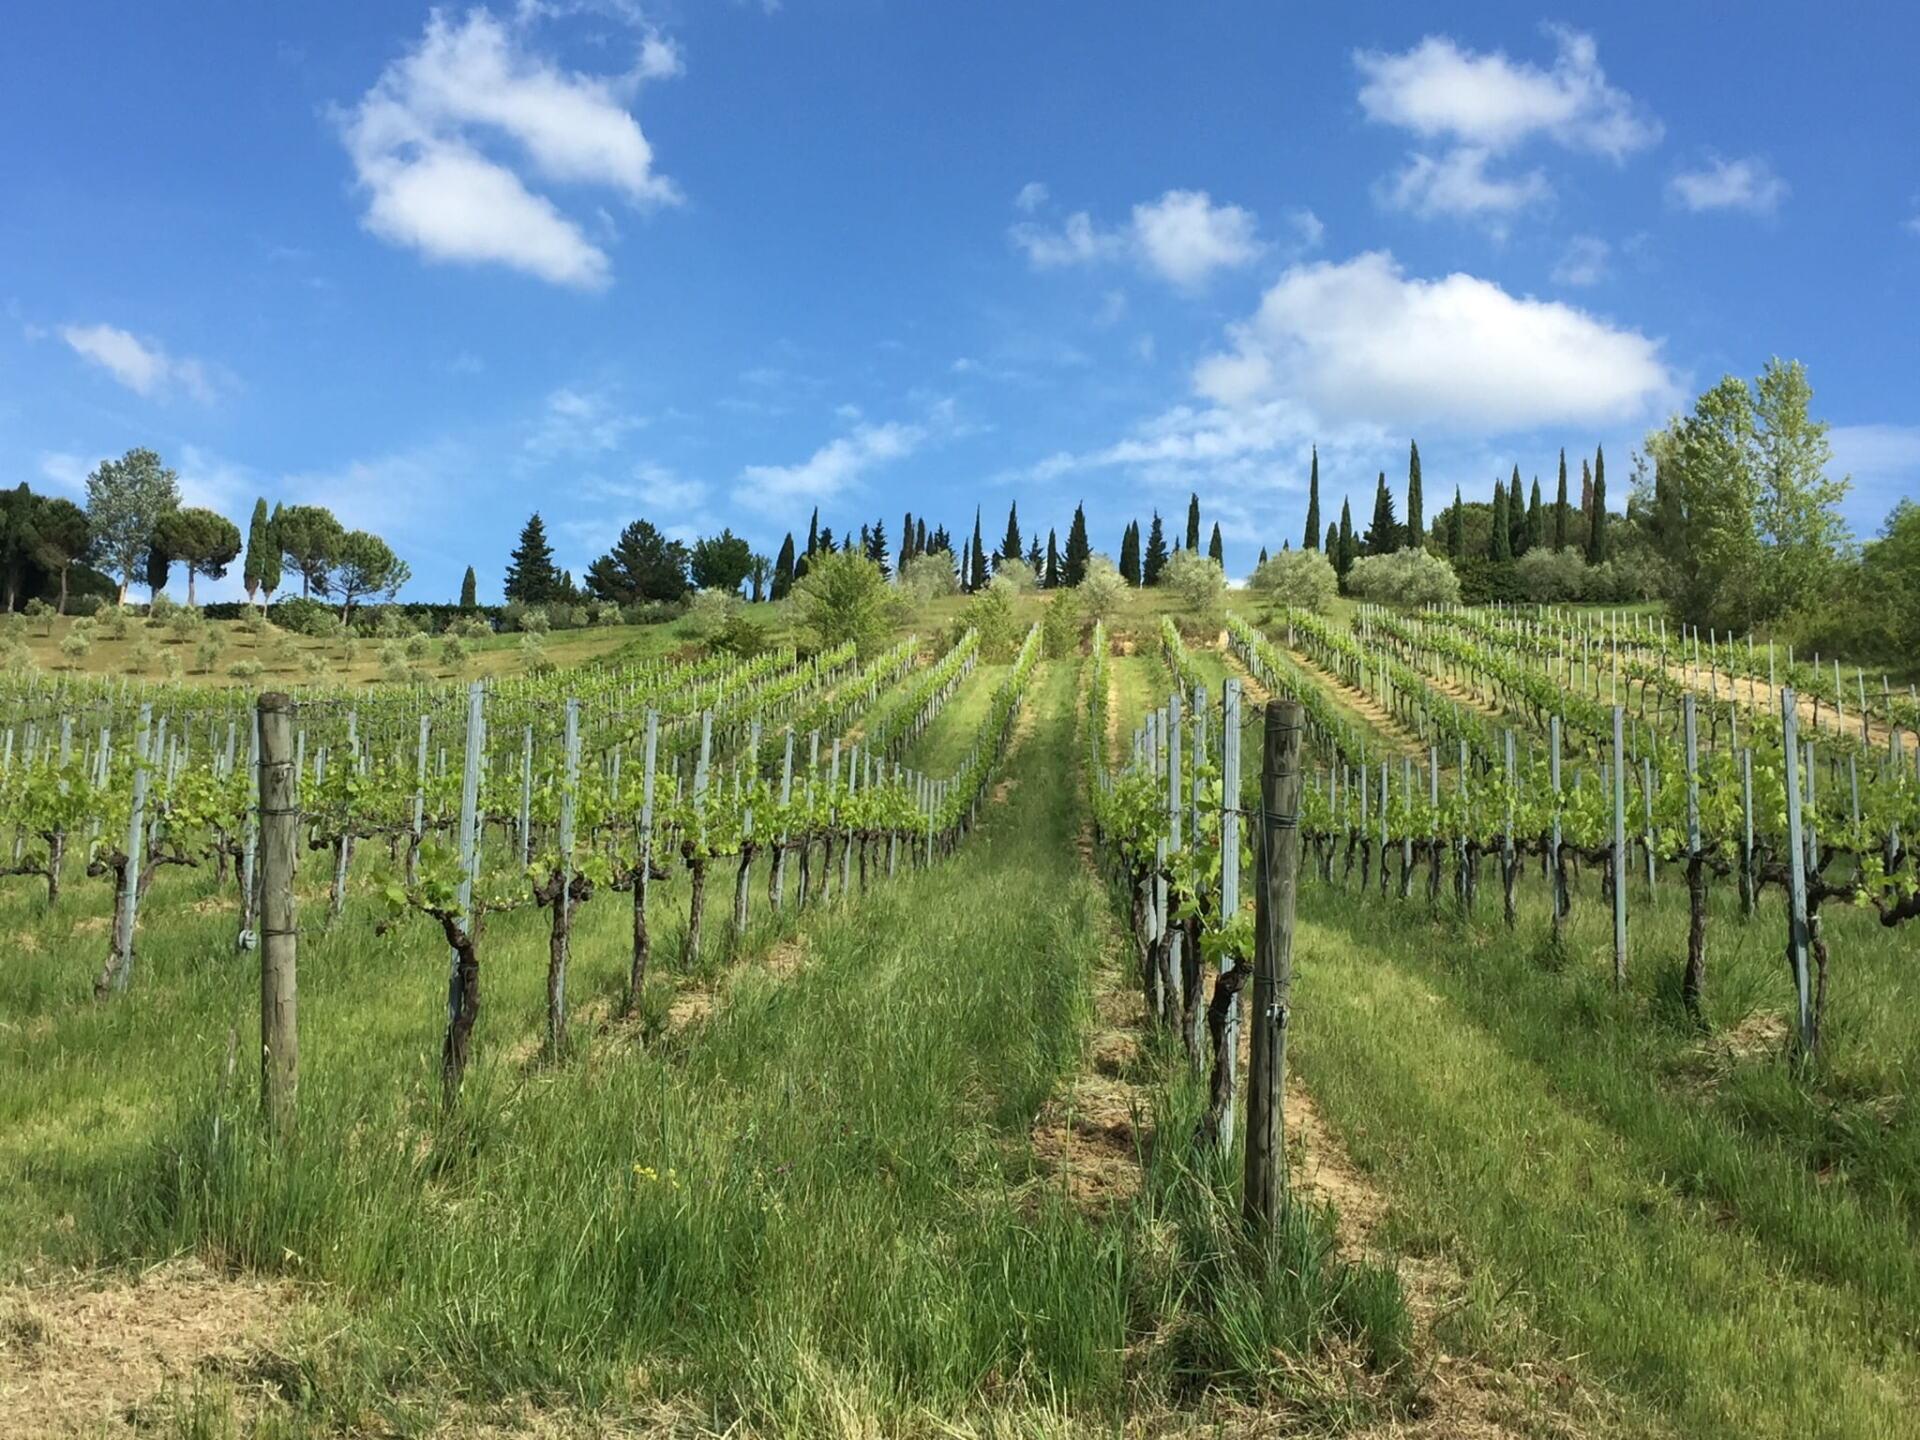 Vitiarium grape vines at Campochiarenti